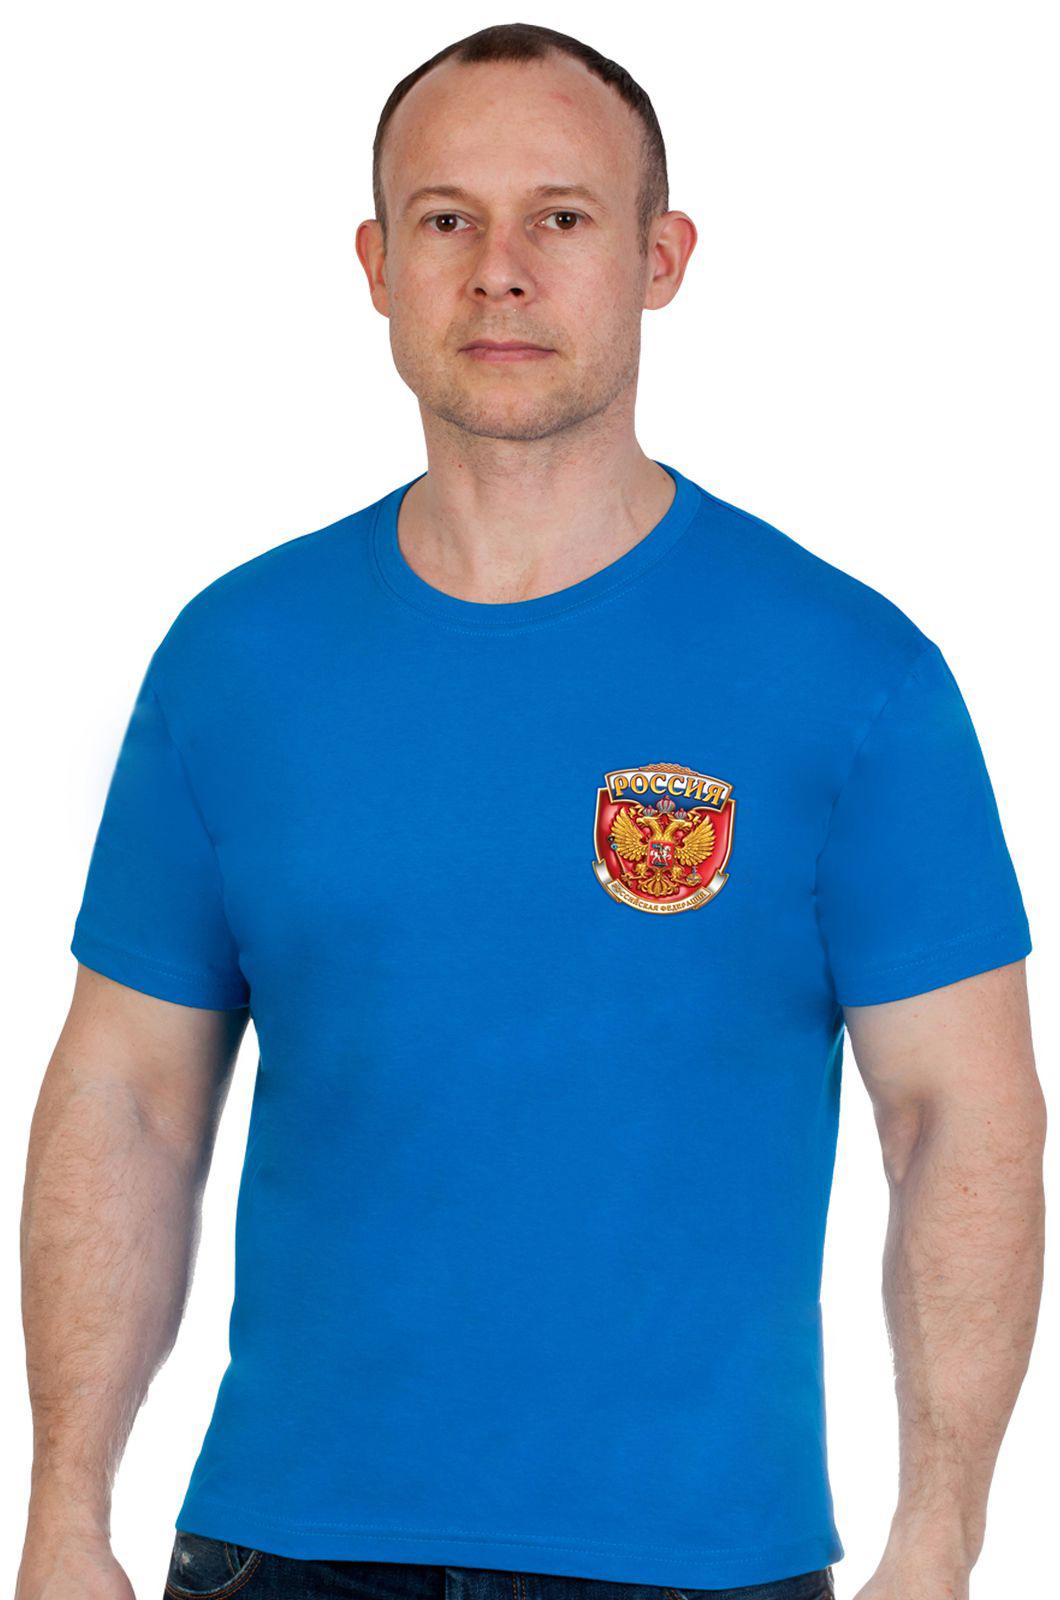 Купить крутую мужскую футболку РОССИЯ в подарок патриоту